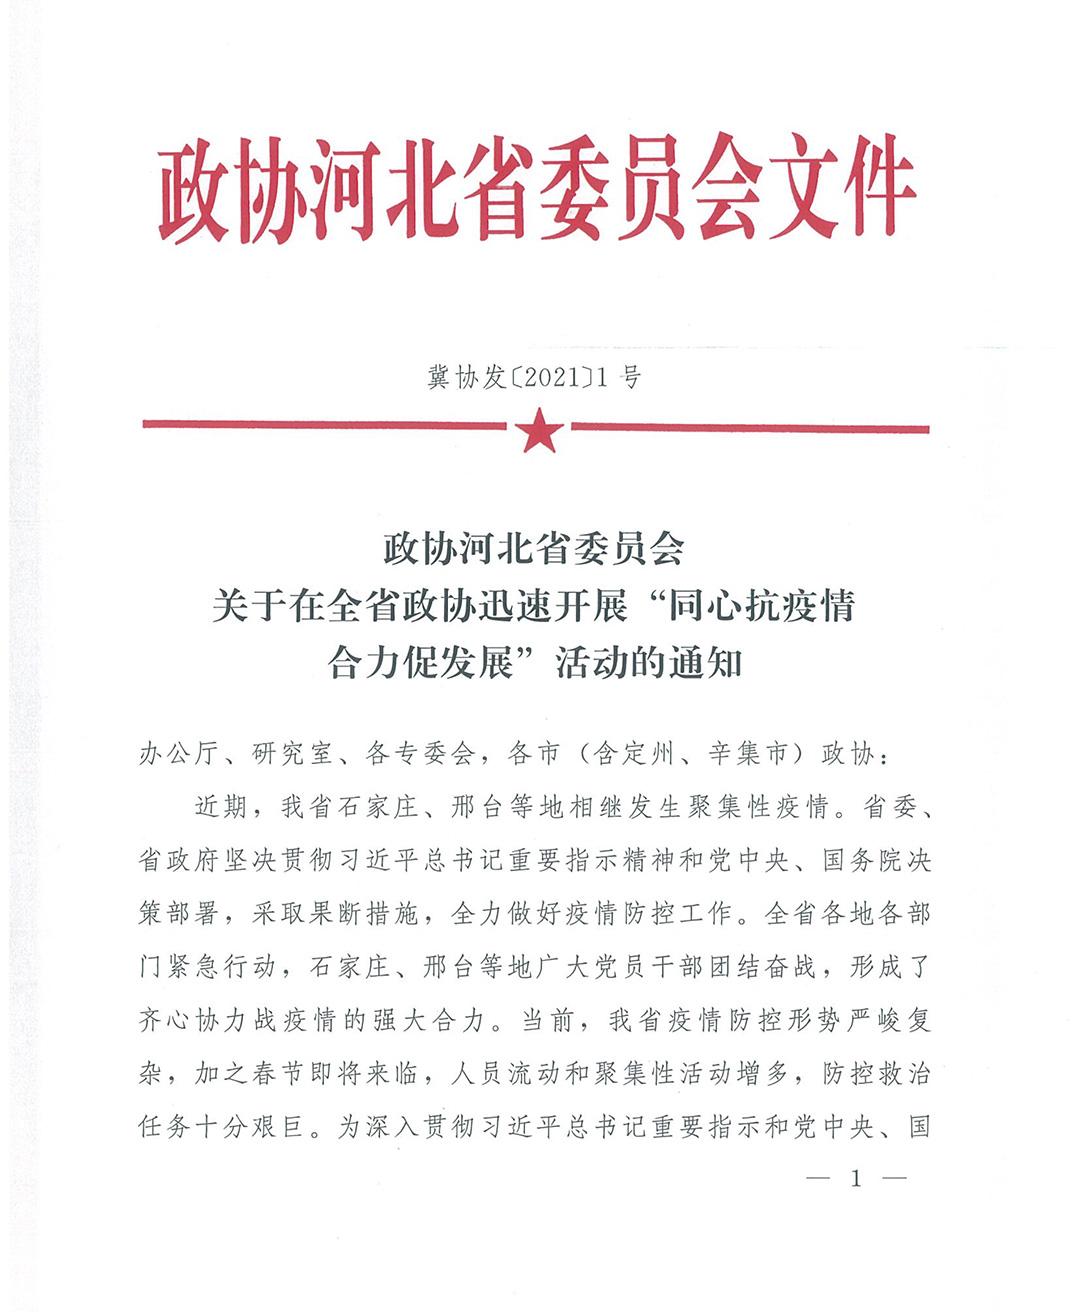 市协2021-1关于转发省政协同心抗疫情合力促发展通知的通知-3.jpg